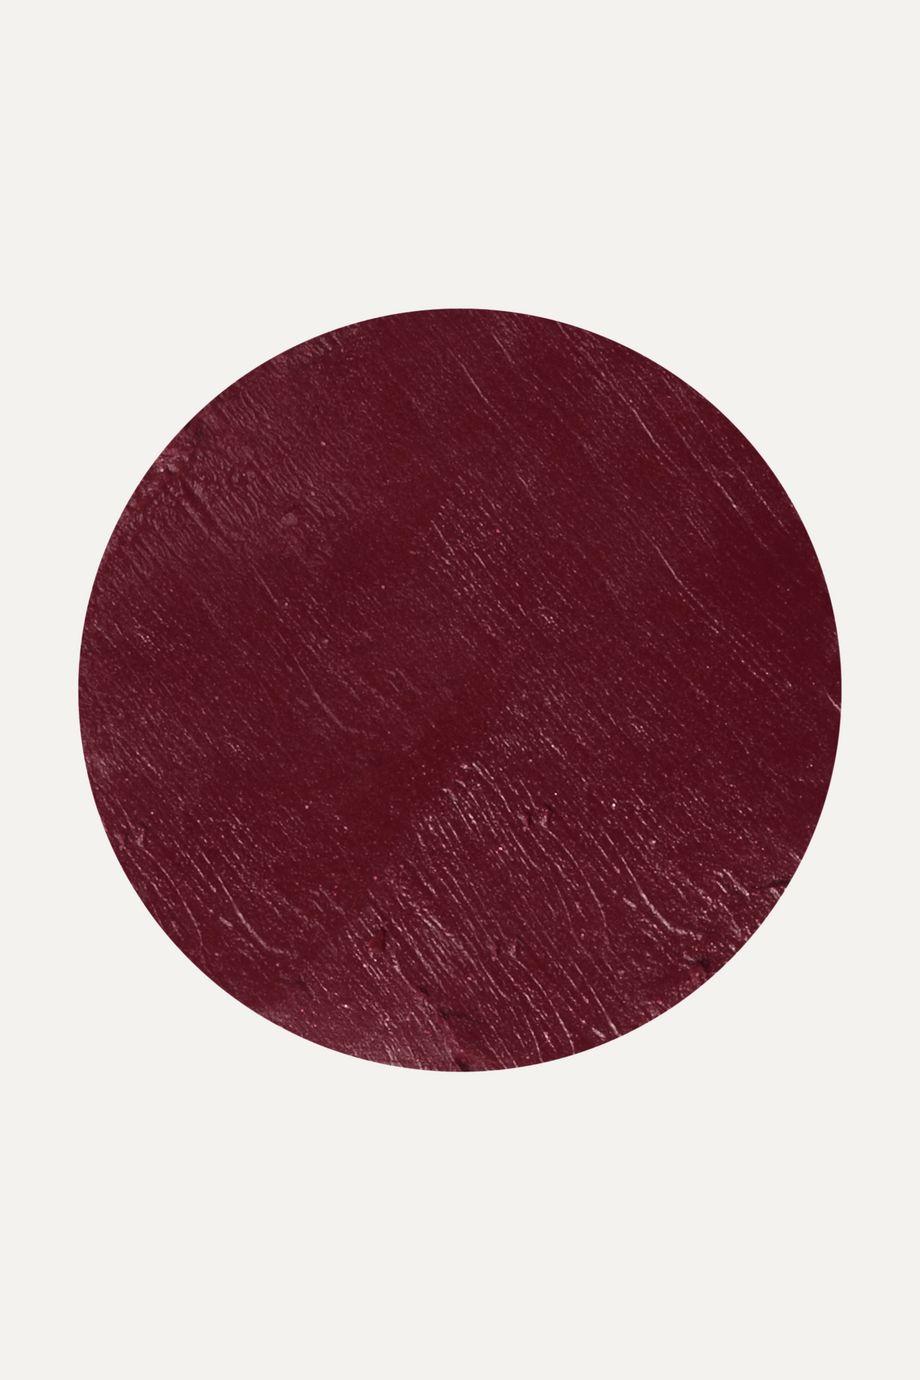 Burberry Beauty Lip Velvet - Damson No.425